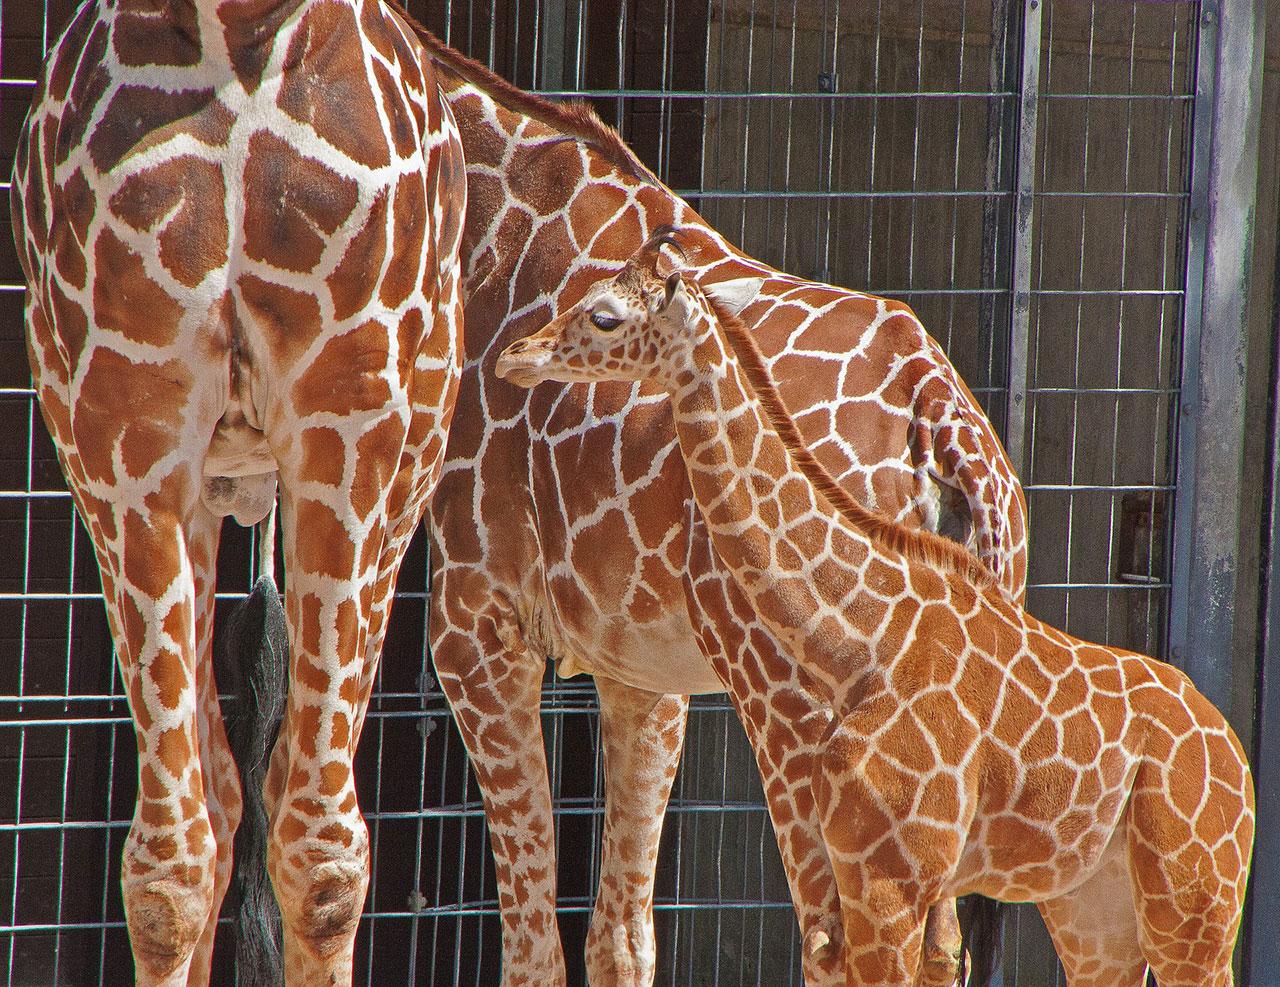 Giraffe Hanck im Zoo Wilhelma: Wir übernehmen Tierpatenschaft